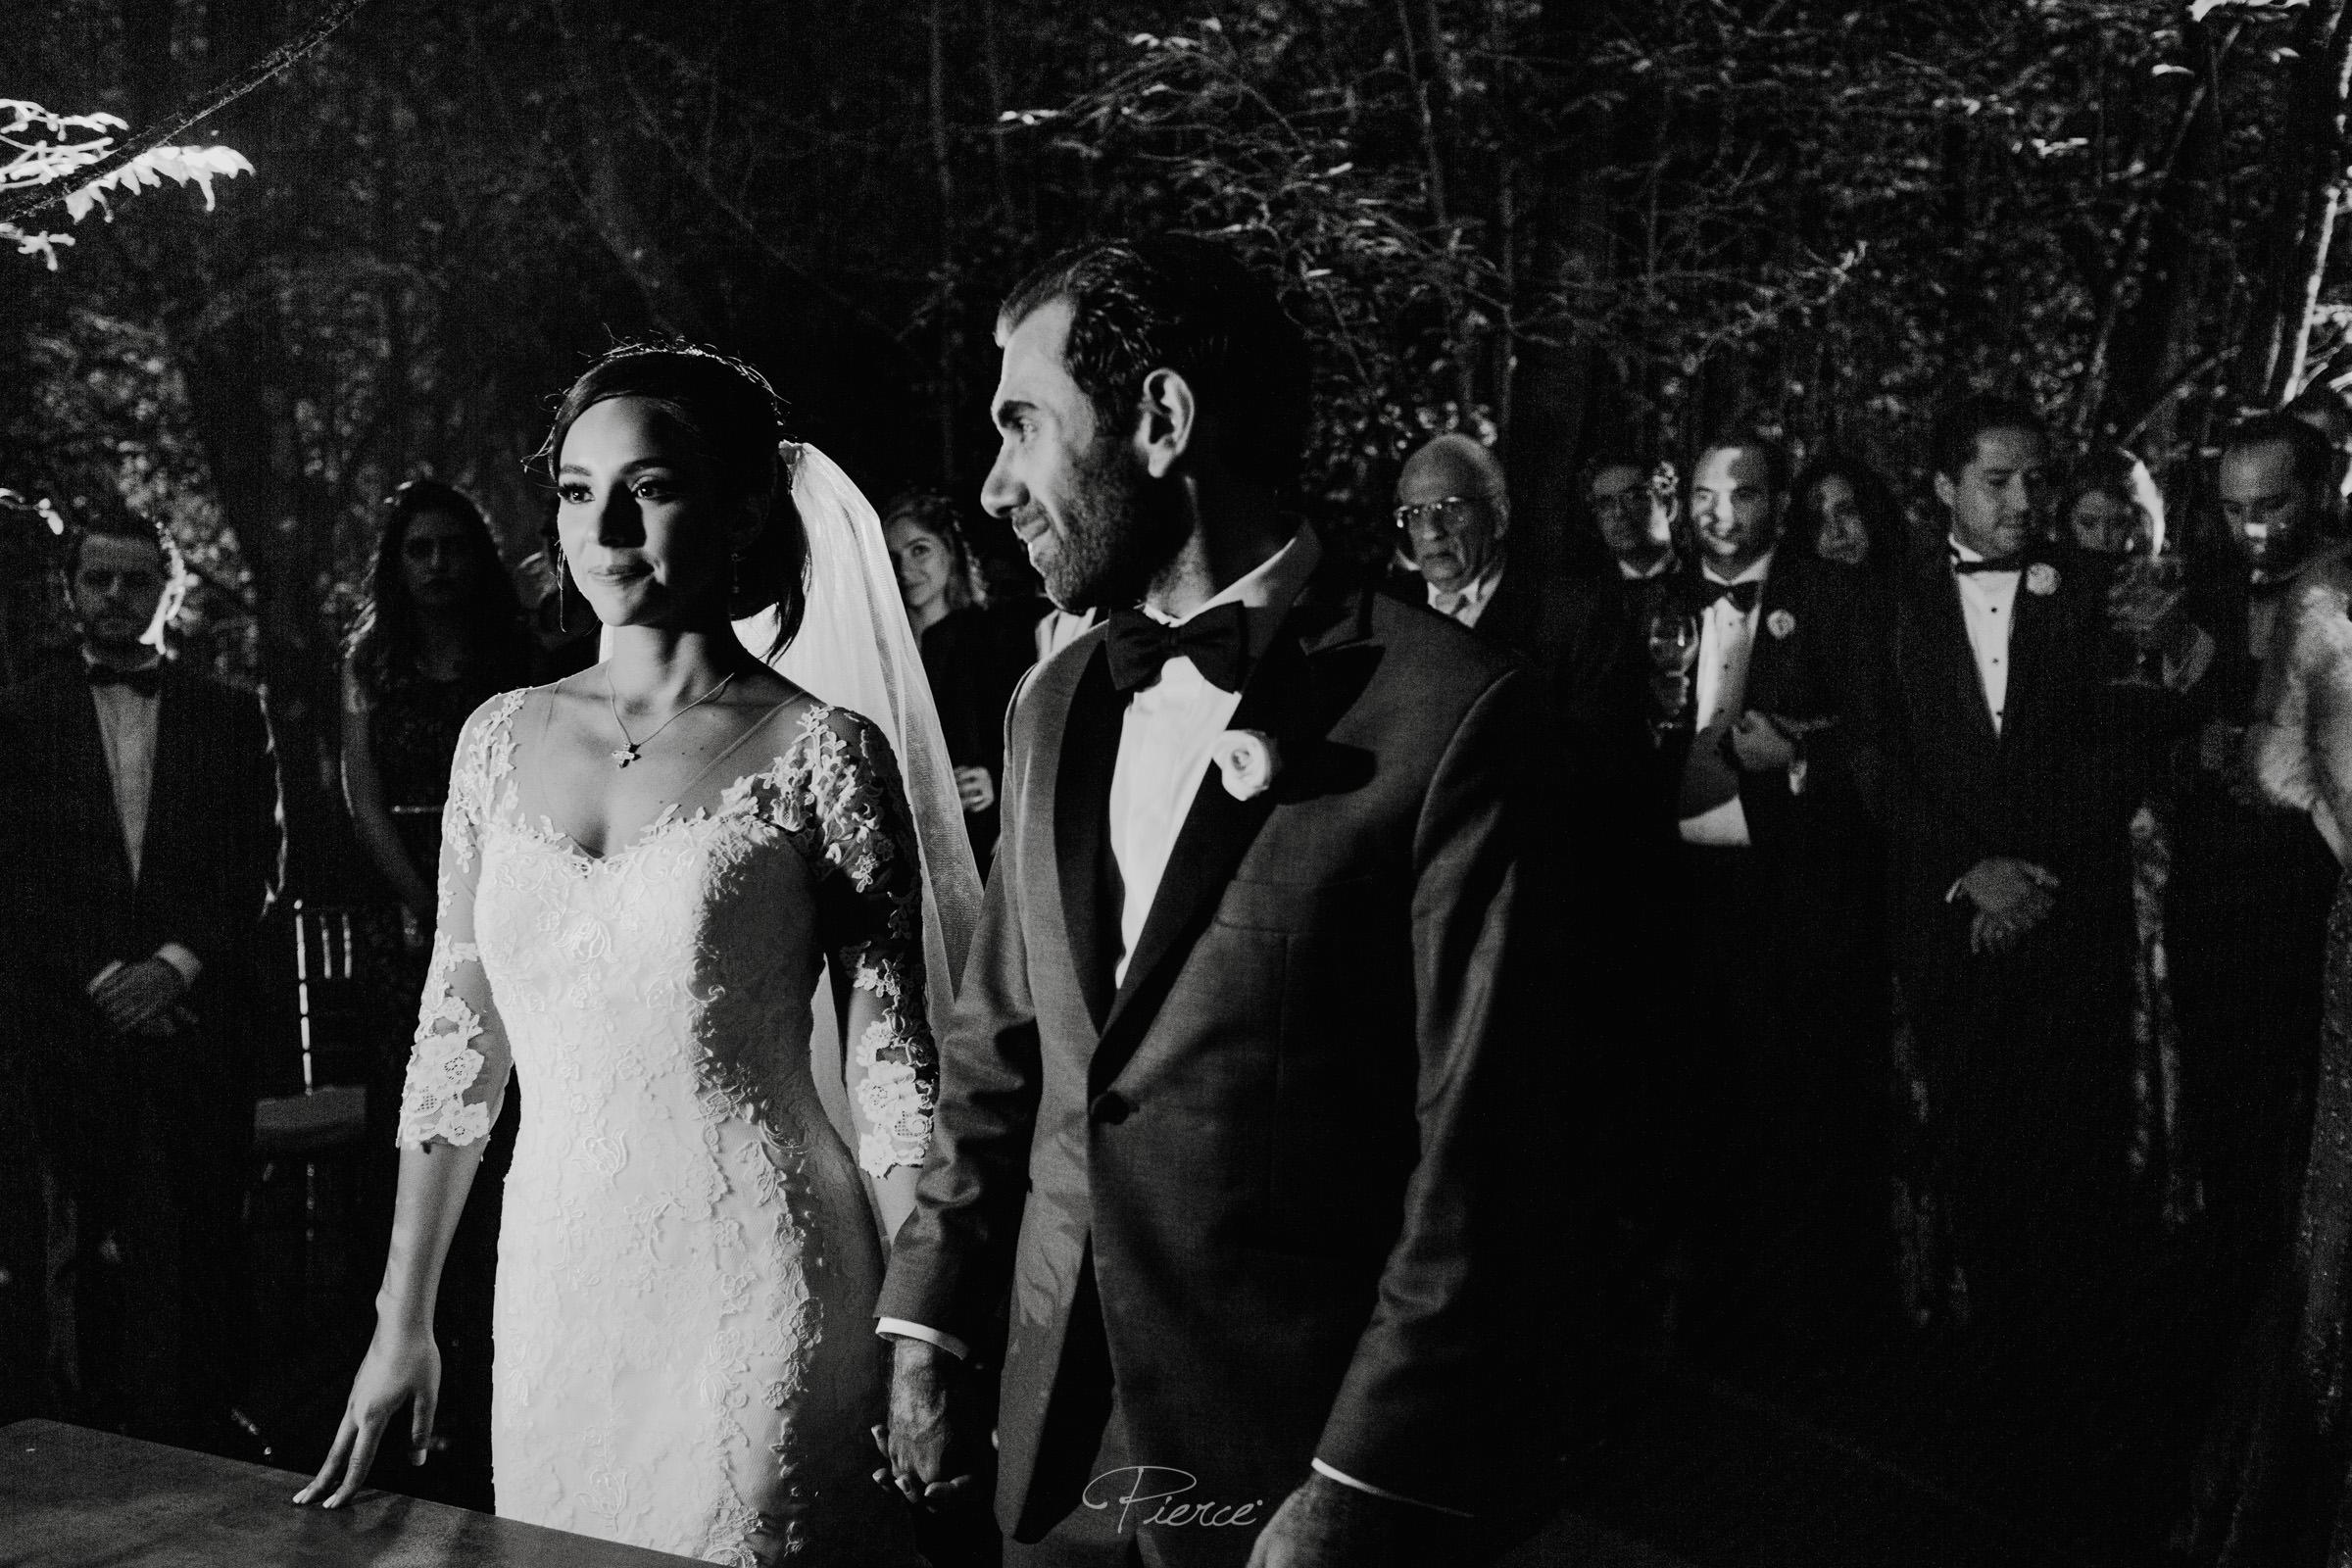 fotografia-de-boda-valle-de-bravo-mexico-rosmarino-pierce-weddings-0125.JPG